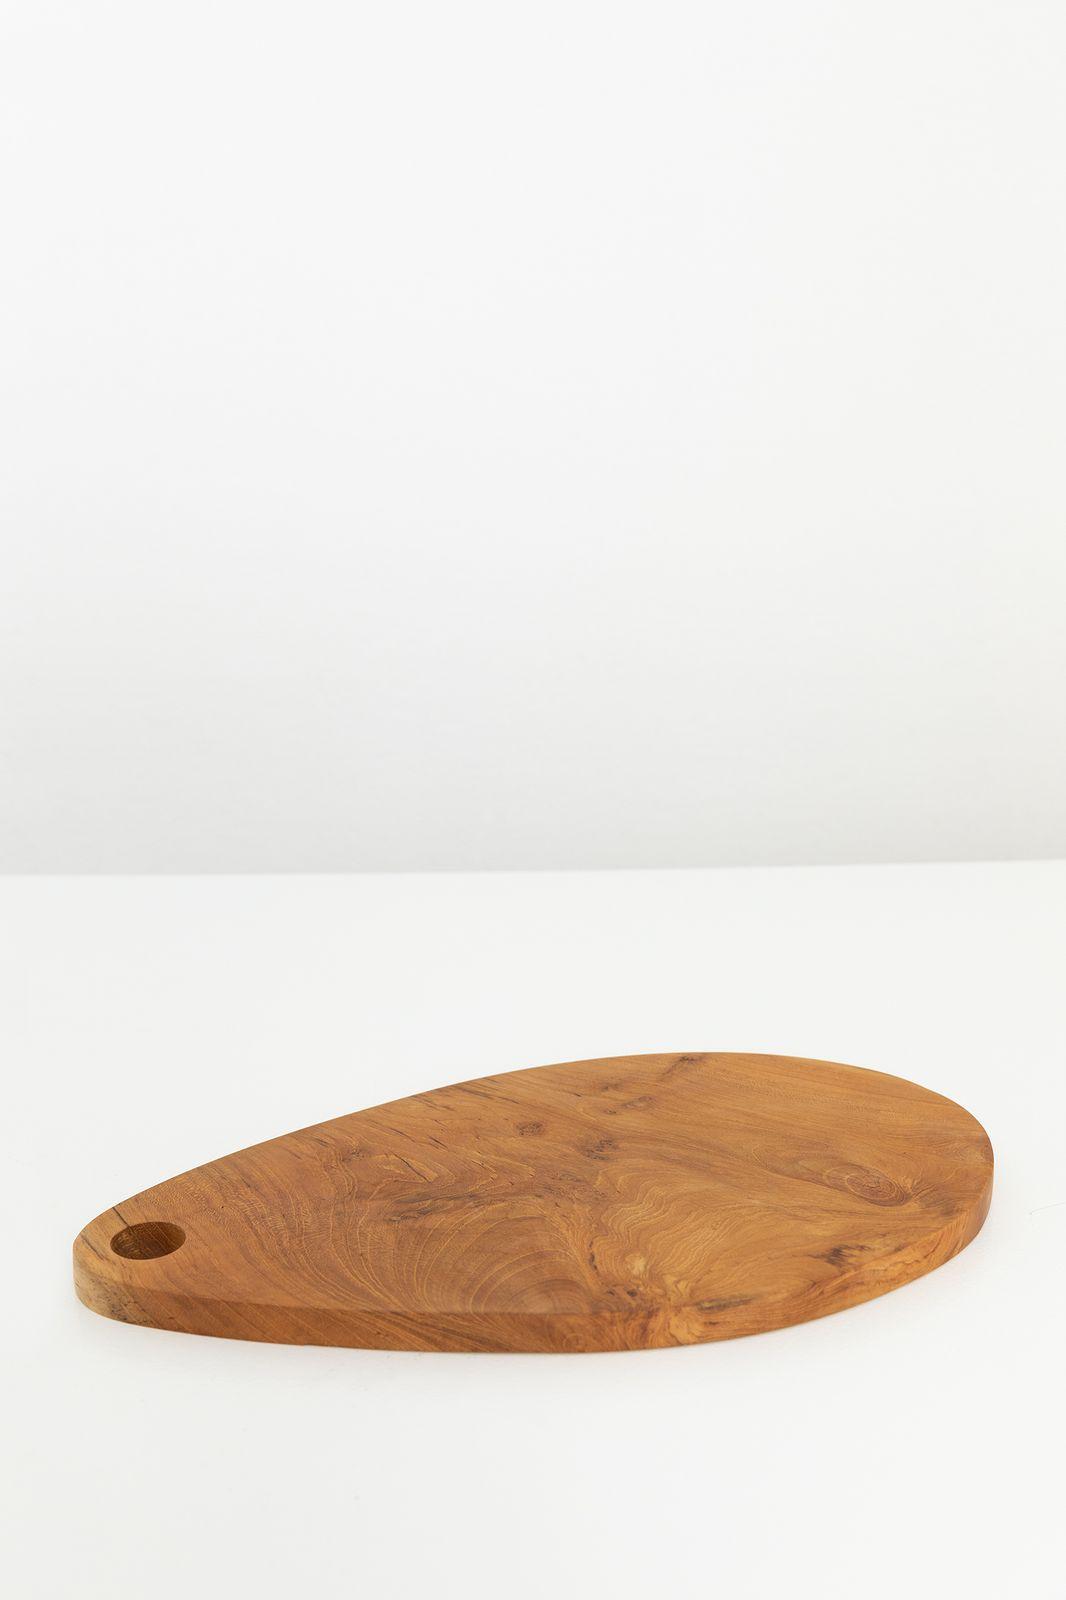 Snijplank van reclaimed teak hout - Homeland | Sissy-Boy